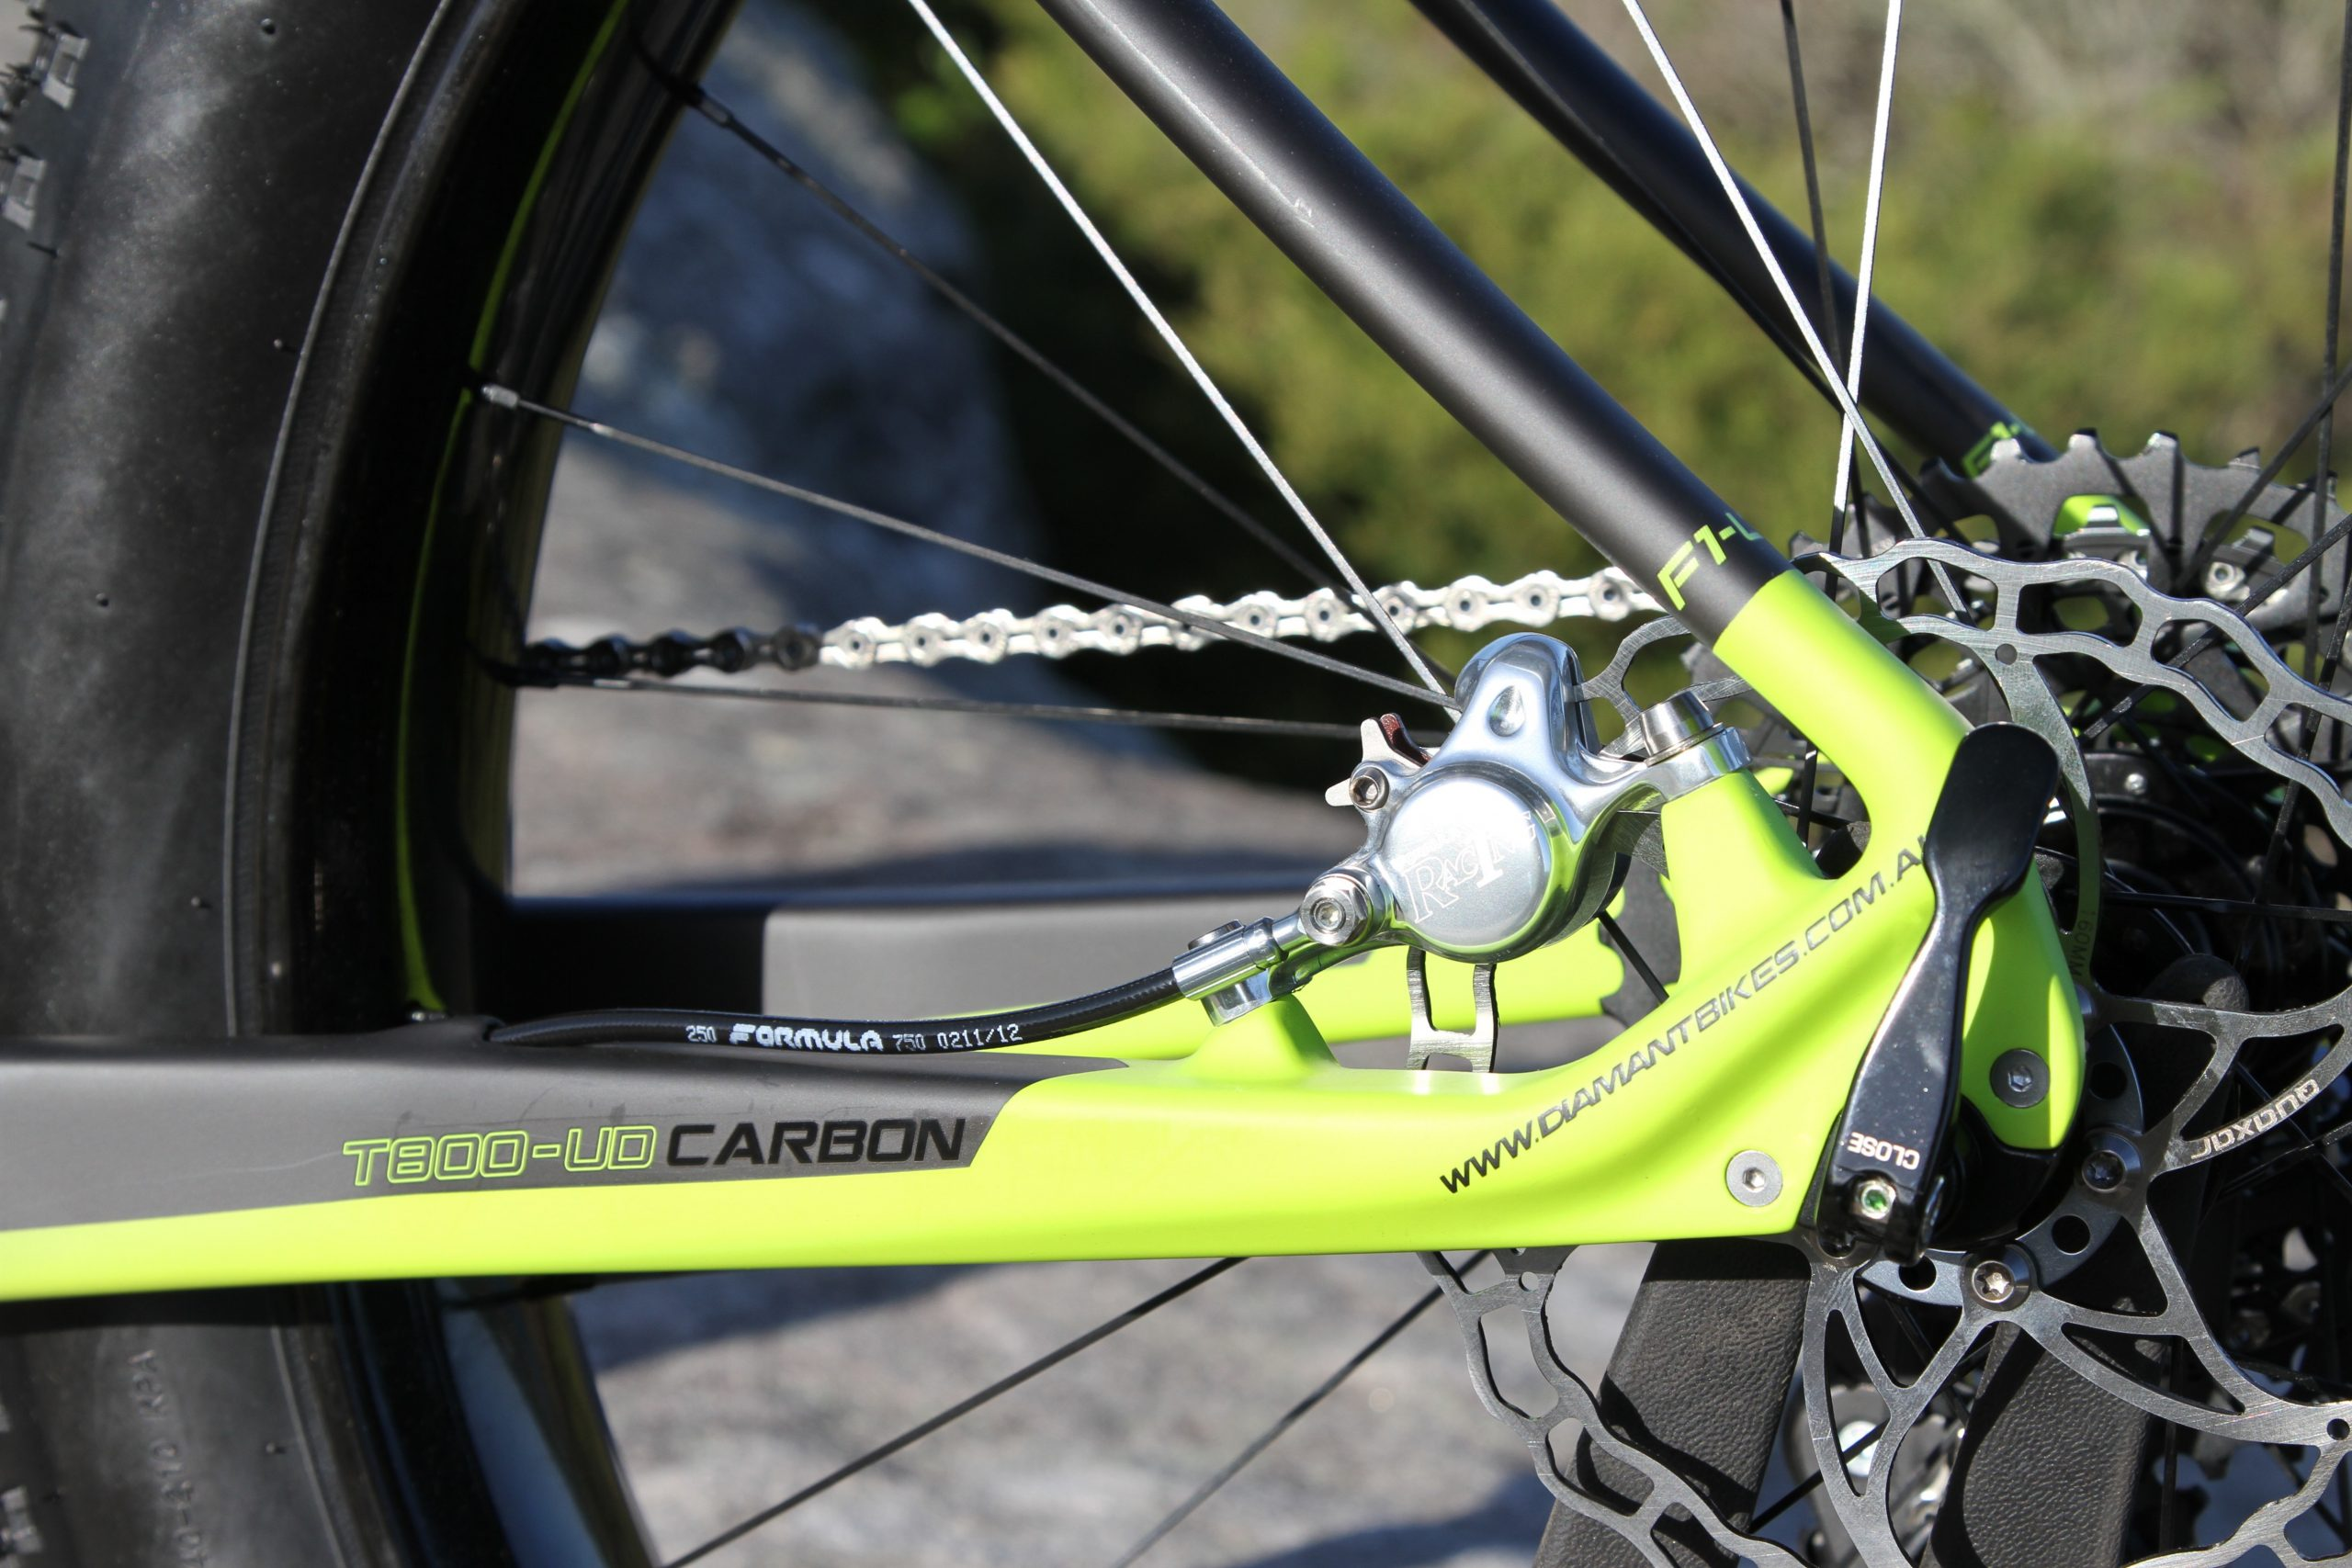 Diamant F1-LTD Fat bike